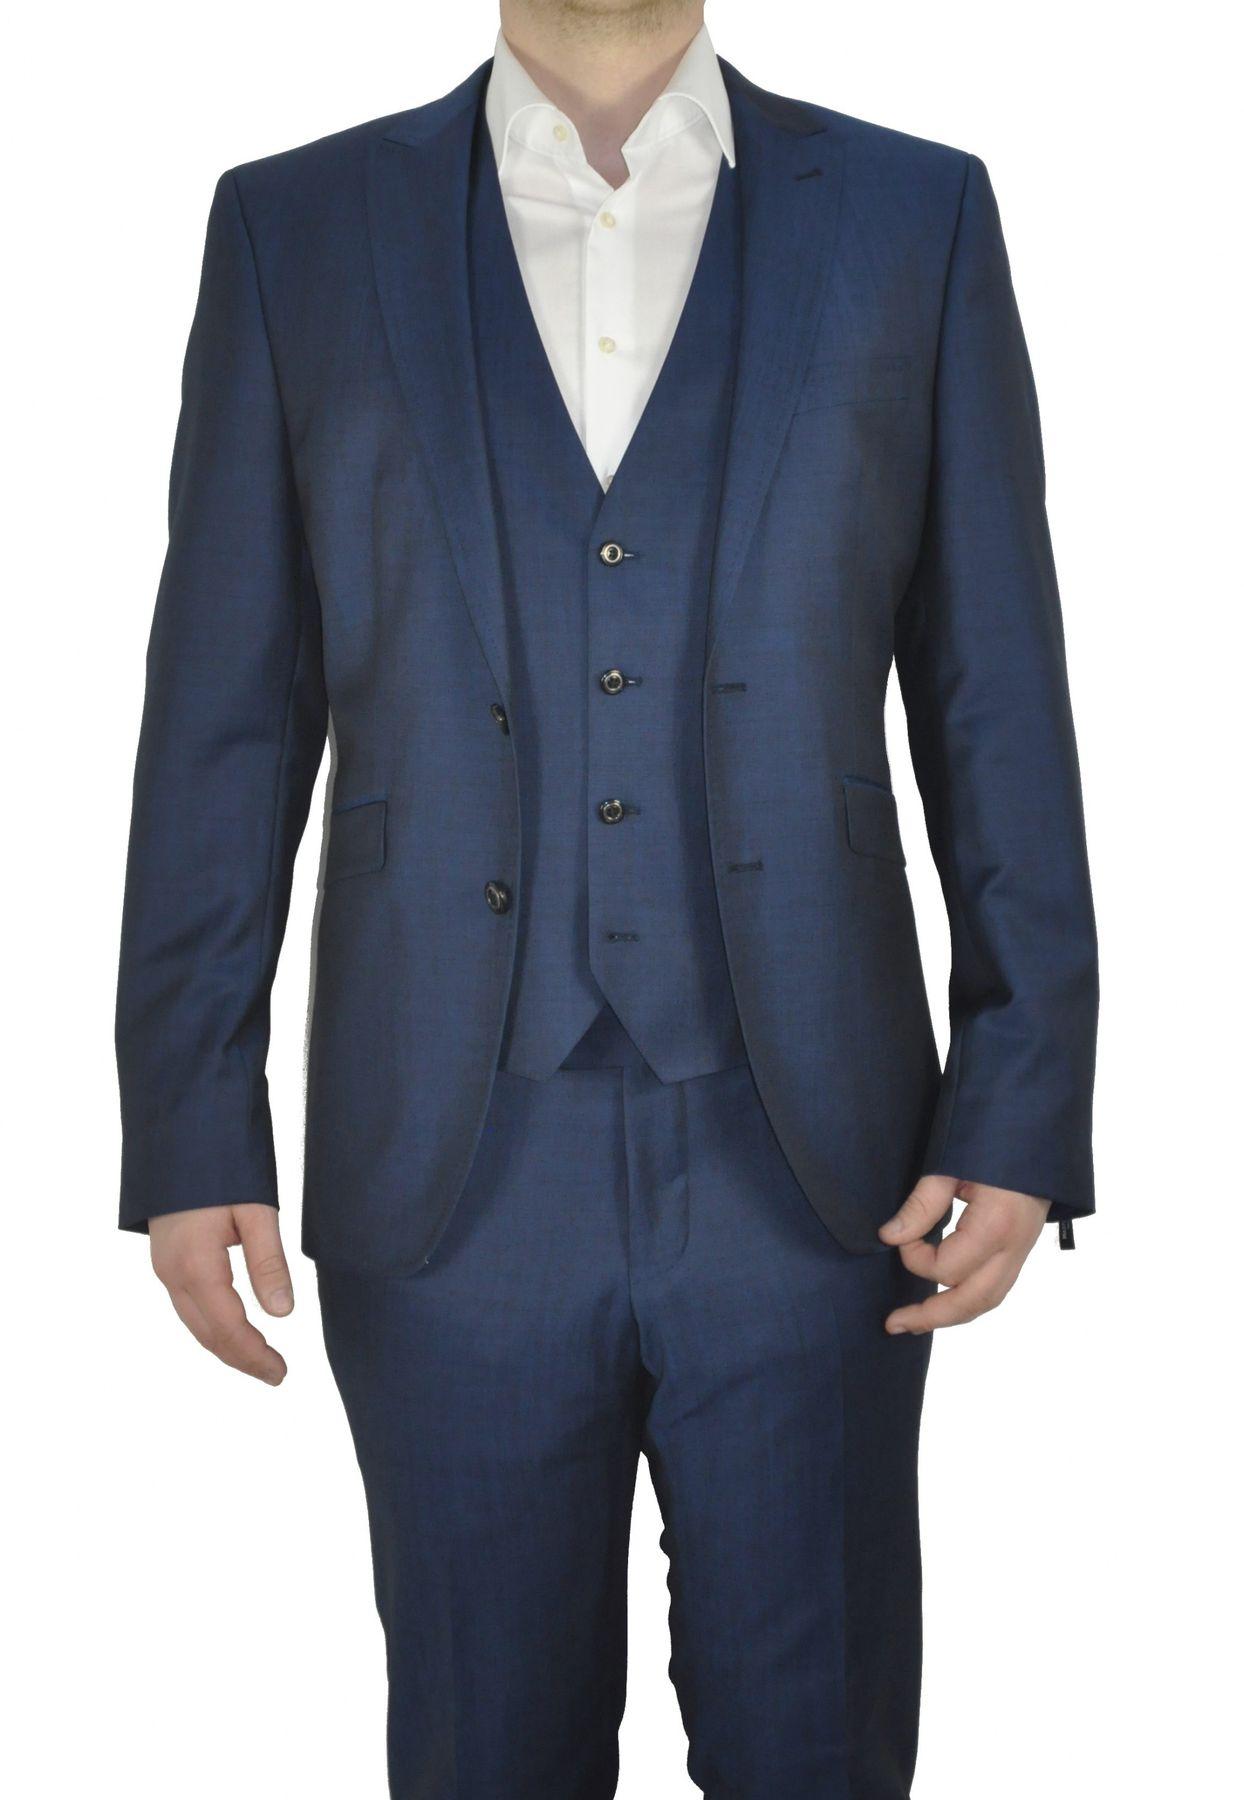 Masterhand - Tailored Fit - Herren Baukasten Weste aus 84% Schurwolle und 16% Mohair in verschiedenen Farben, 900 8095 (Team) – Bild 2